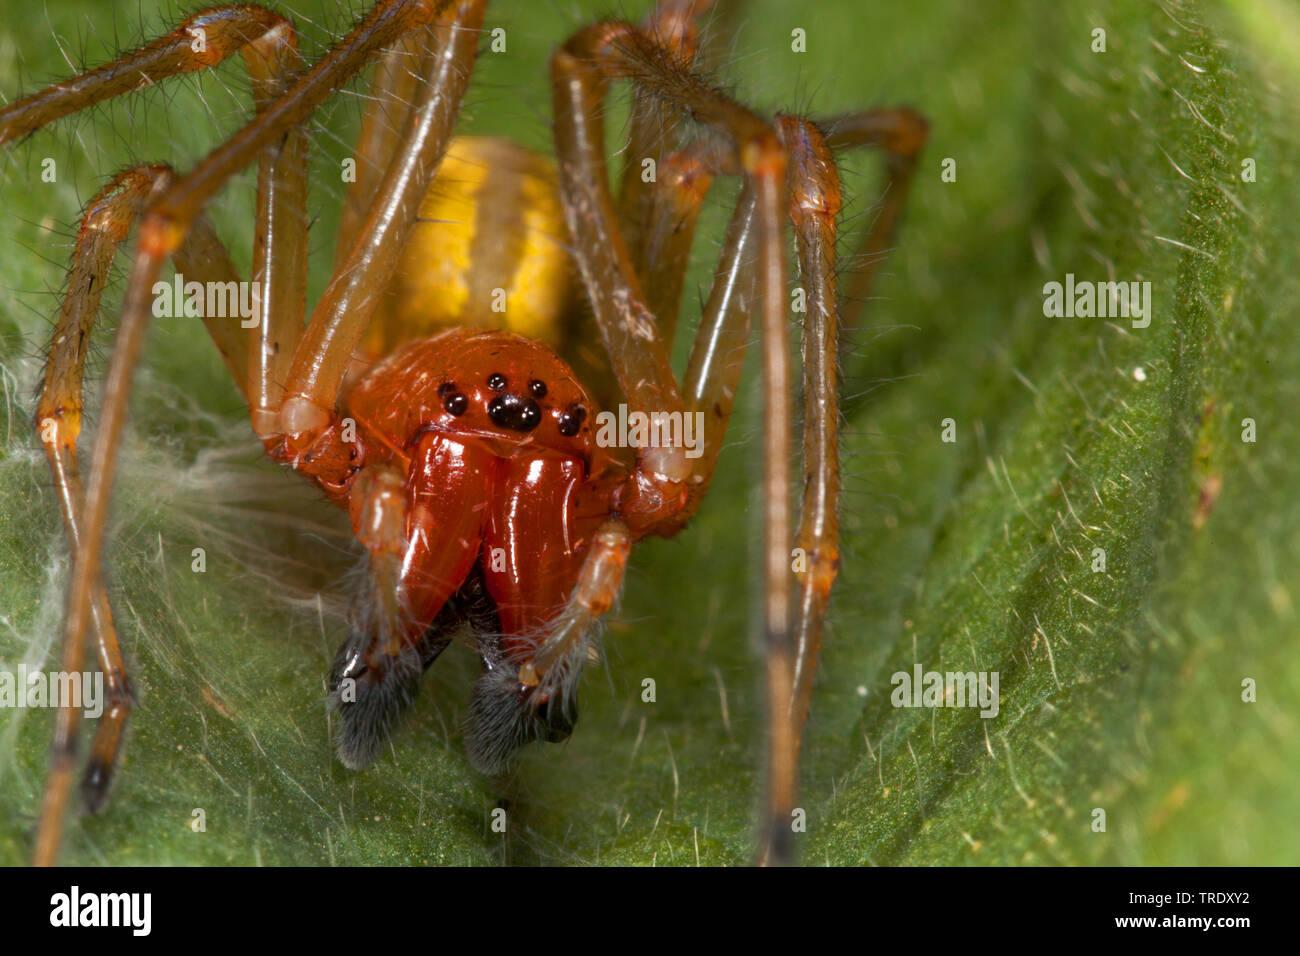 Dornfinger, Ammen-Dornfinger, Ammendornfinger (Cheiracanthium punctorium), sitzt auf einem Blatt, Vorderansicht, Deutschland | European sac spider (Ch - Stock Image